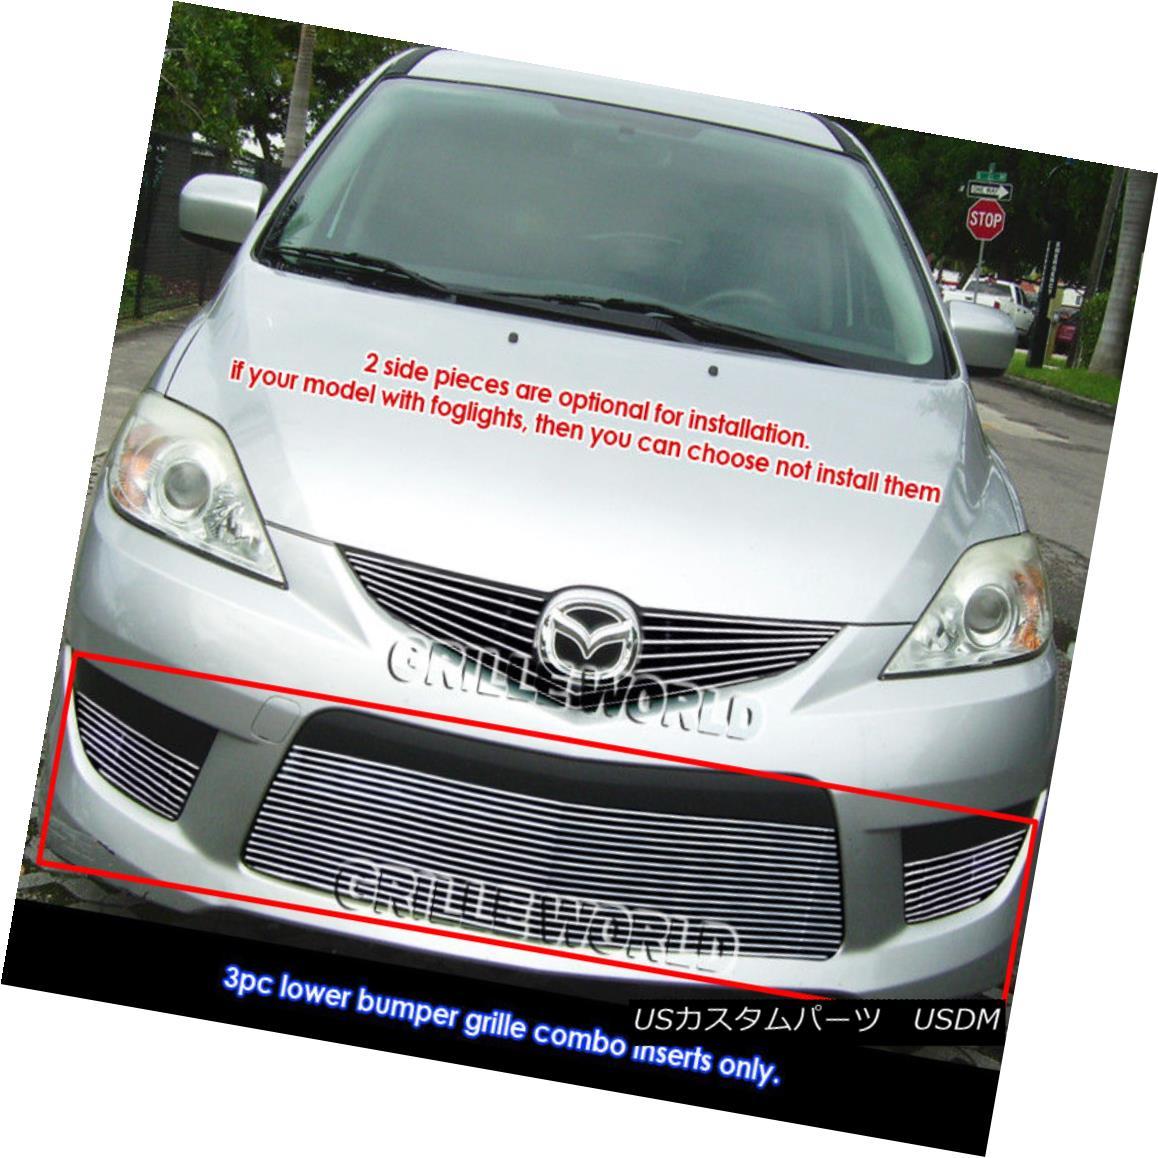 グリル For 08-10 Mazda 5 Bumper Billet Grille Insert 08-10マツダ5バンパービレットグリルインサート